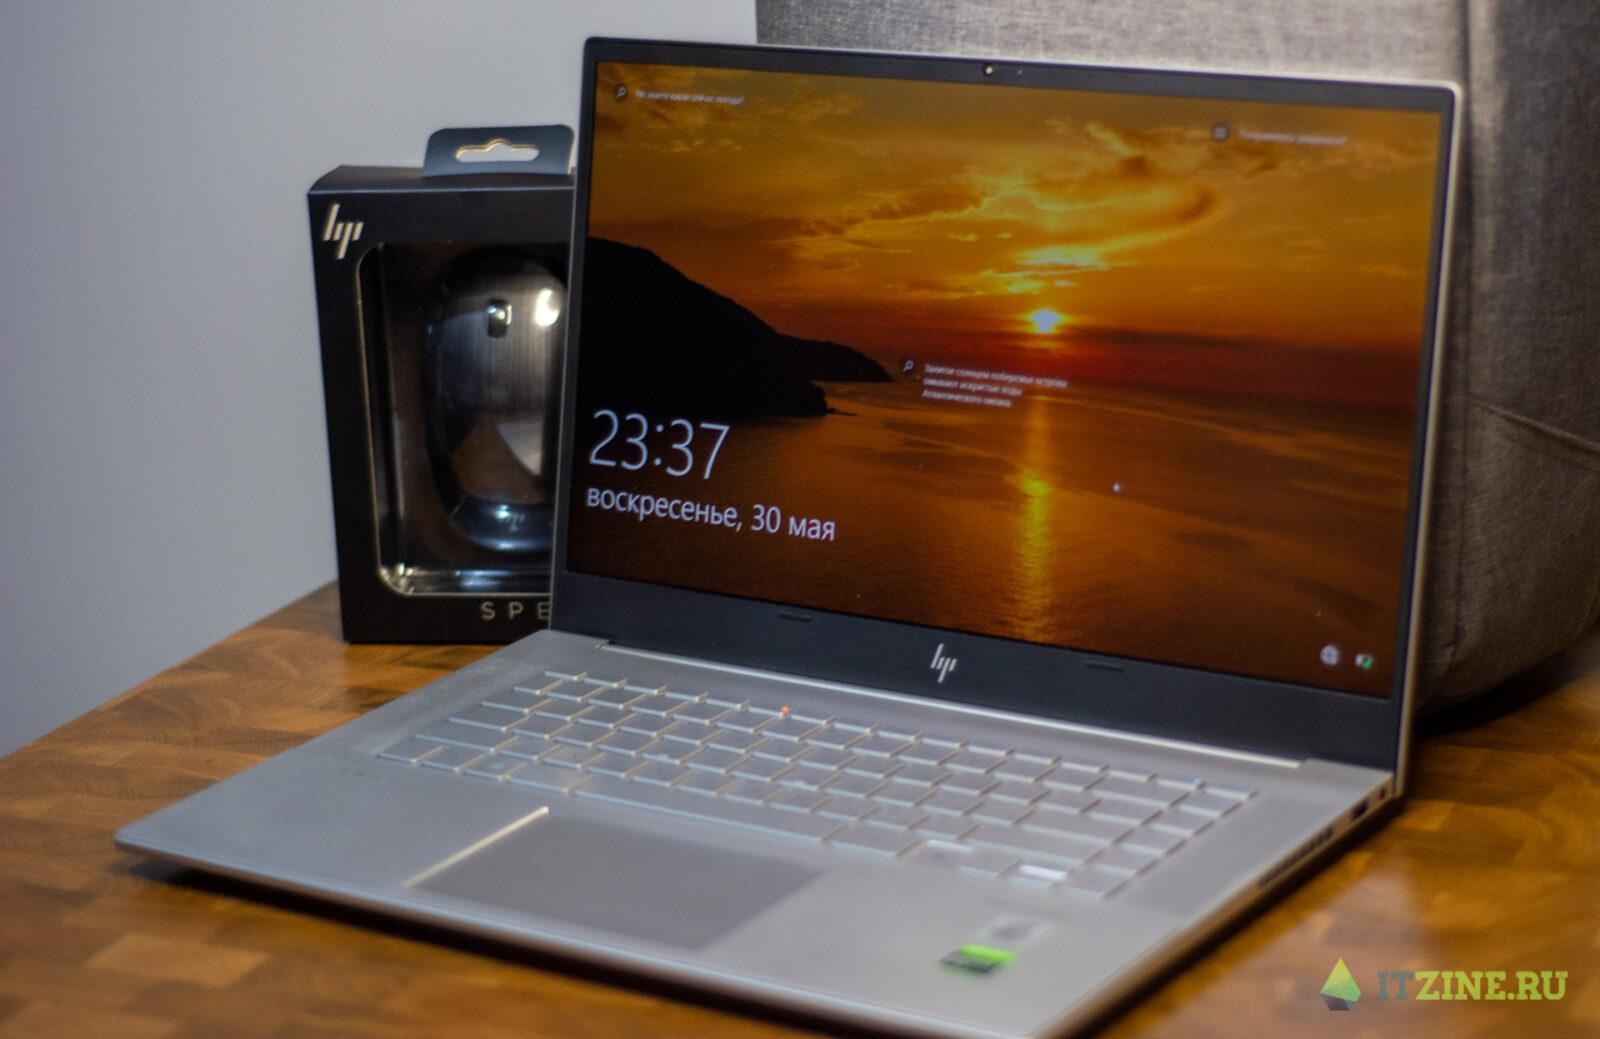 Обзор ноутбука HP Envy 15: мощь для создателей графического контента (hp envy 17)